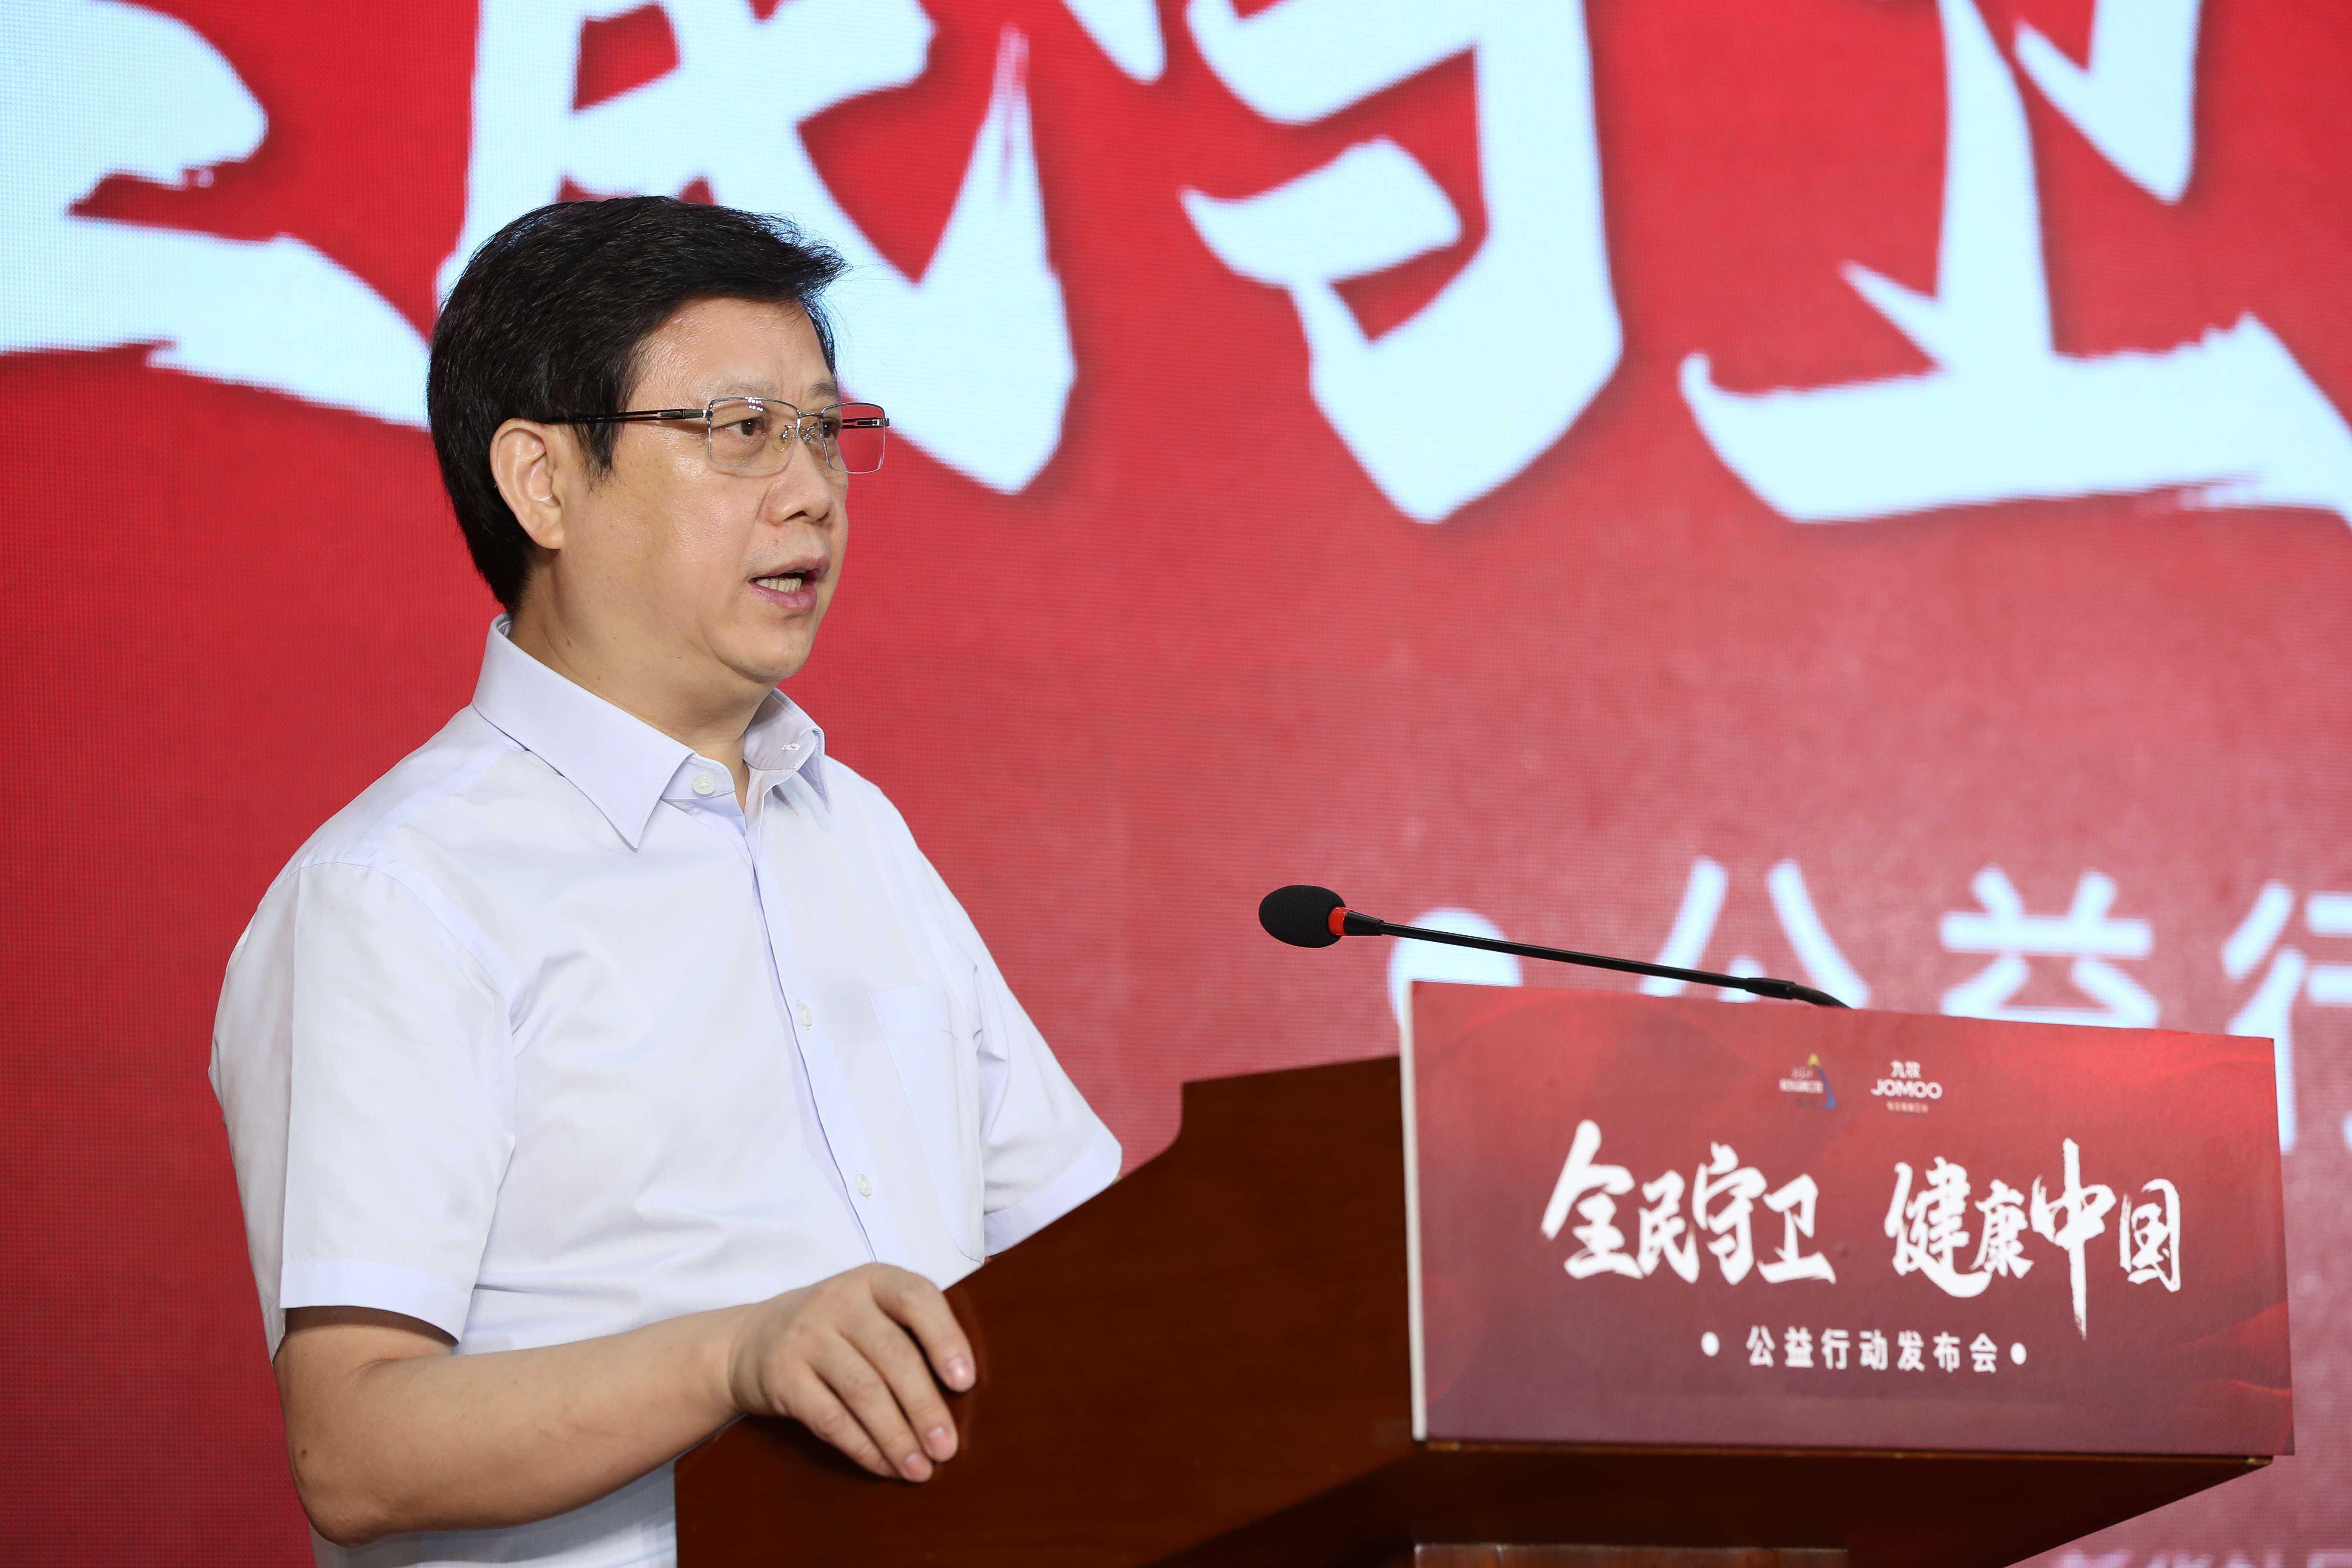 中国健康管理协会副会长周华致辞.jpg